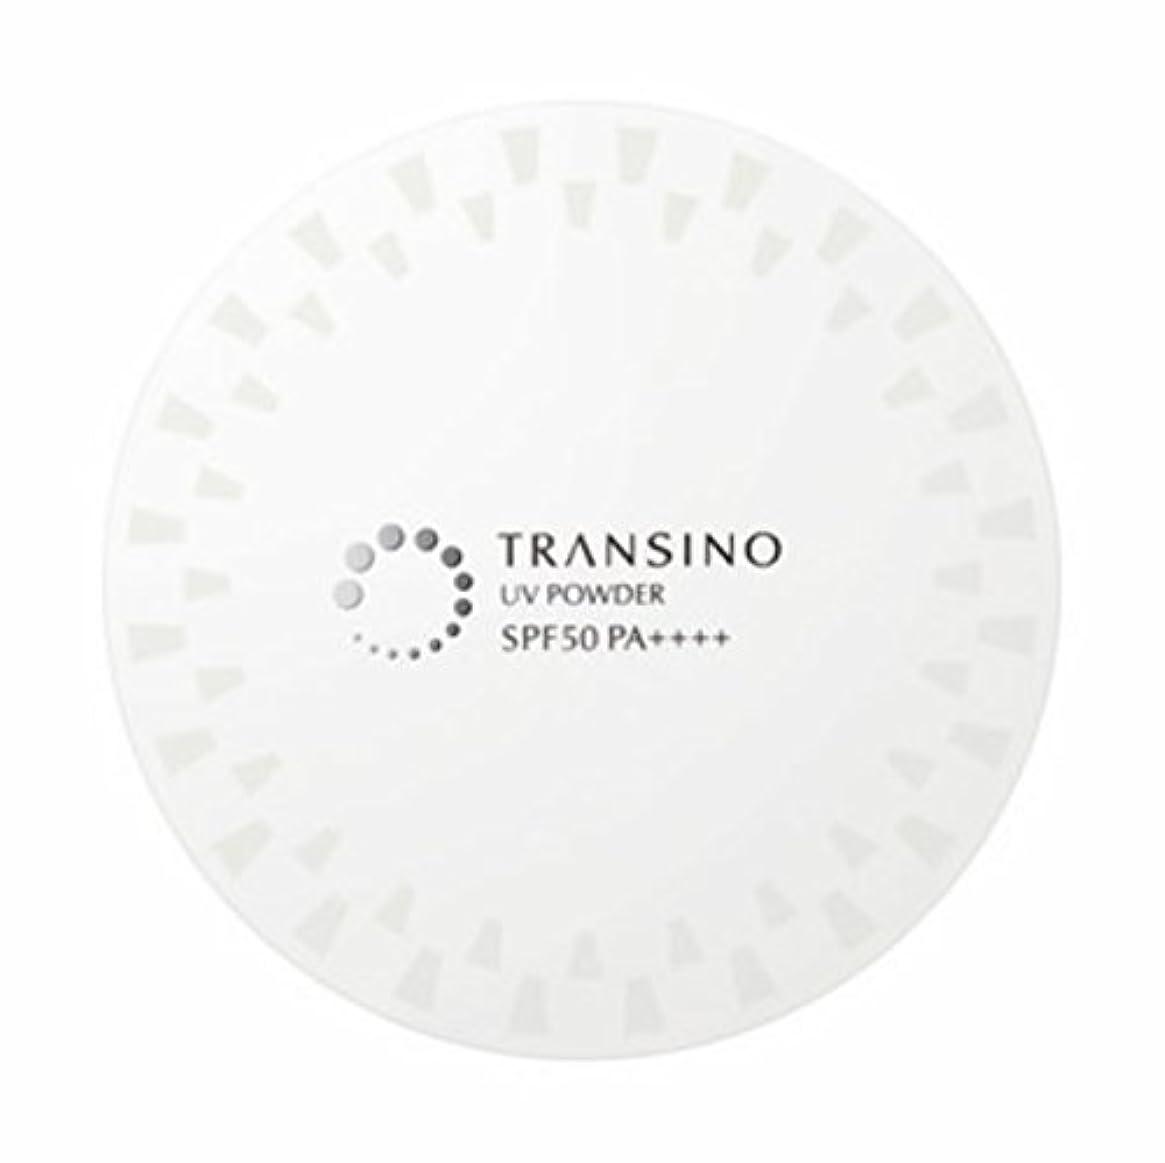 タイプジェム聖人トランシーノ 薬用UVパウダー 12g SPF50?PA++++ [並行輸入品]